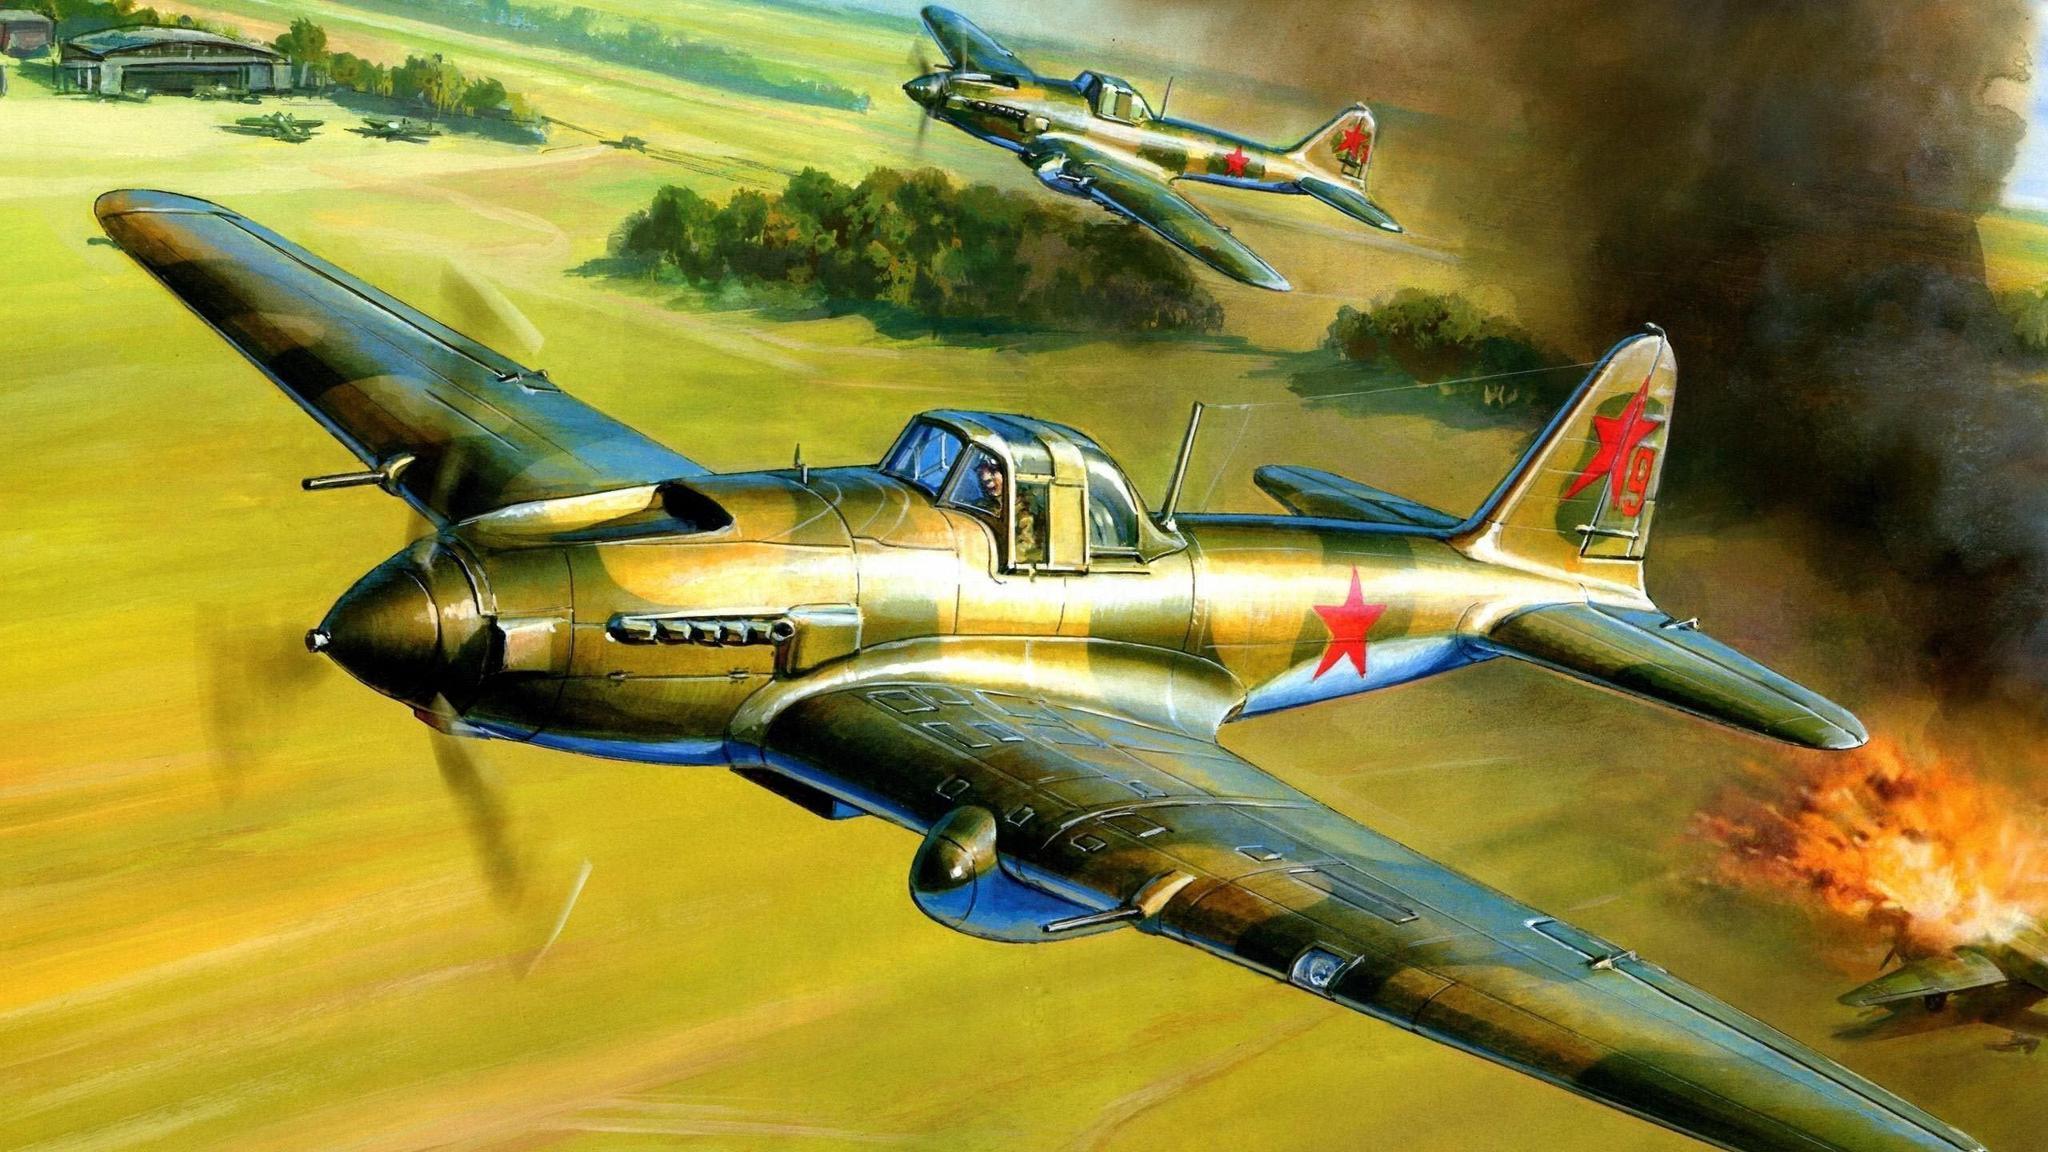 """原创 战场上的""""黑死神"""",斯大林对其青睐有加,二战产量最大的攻击机"""